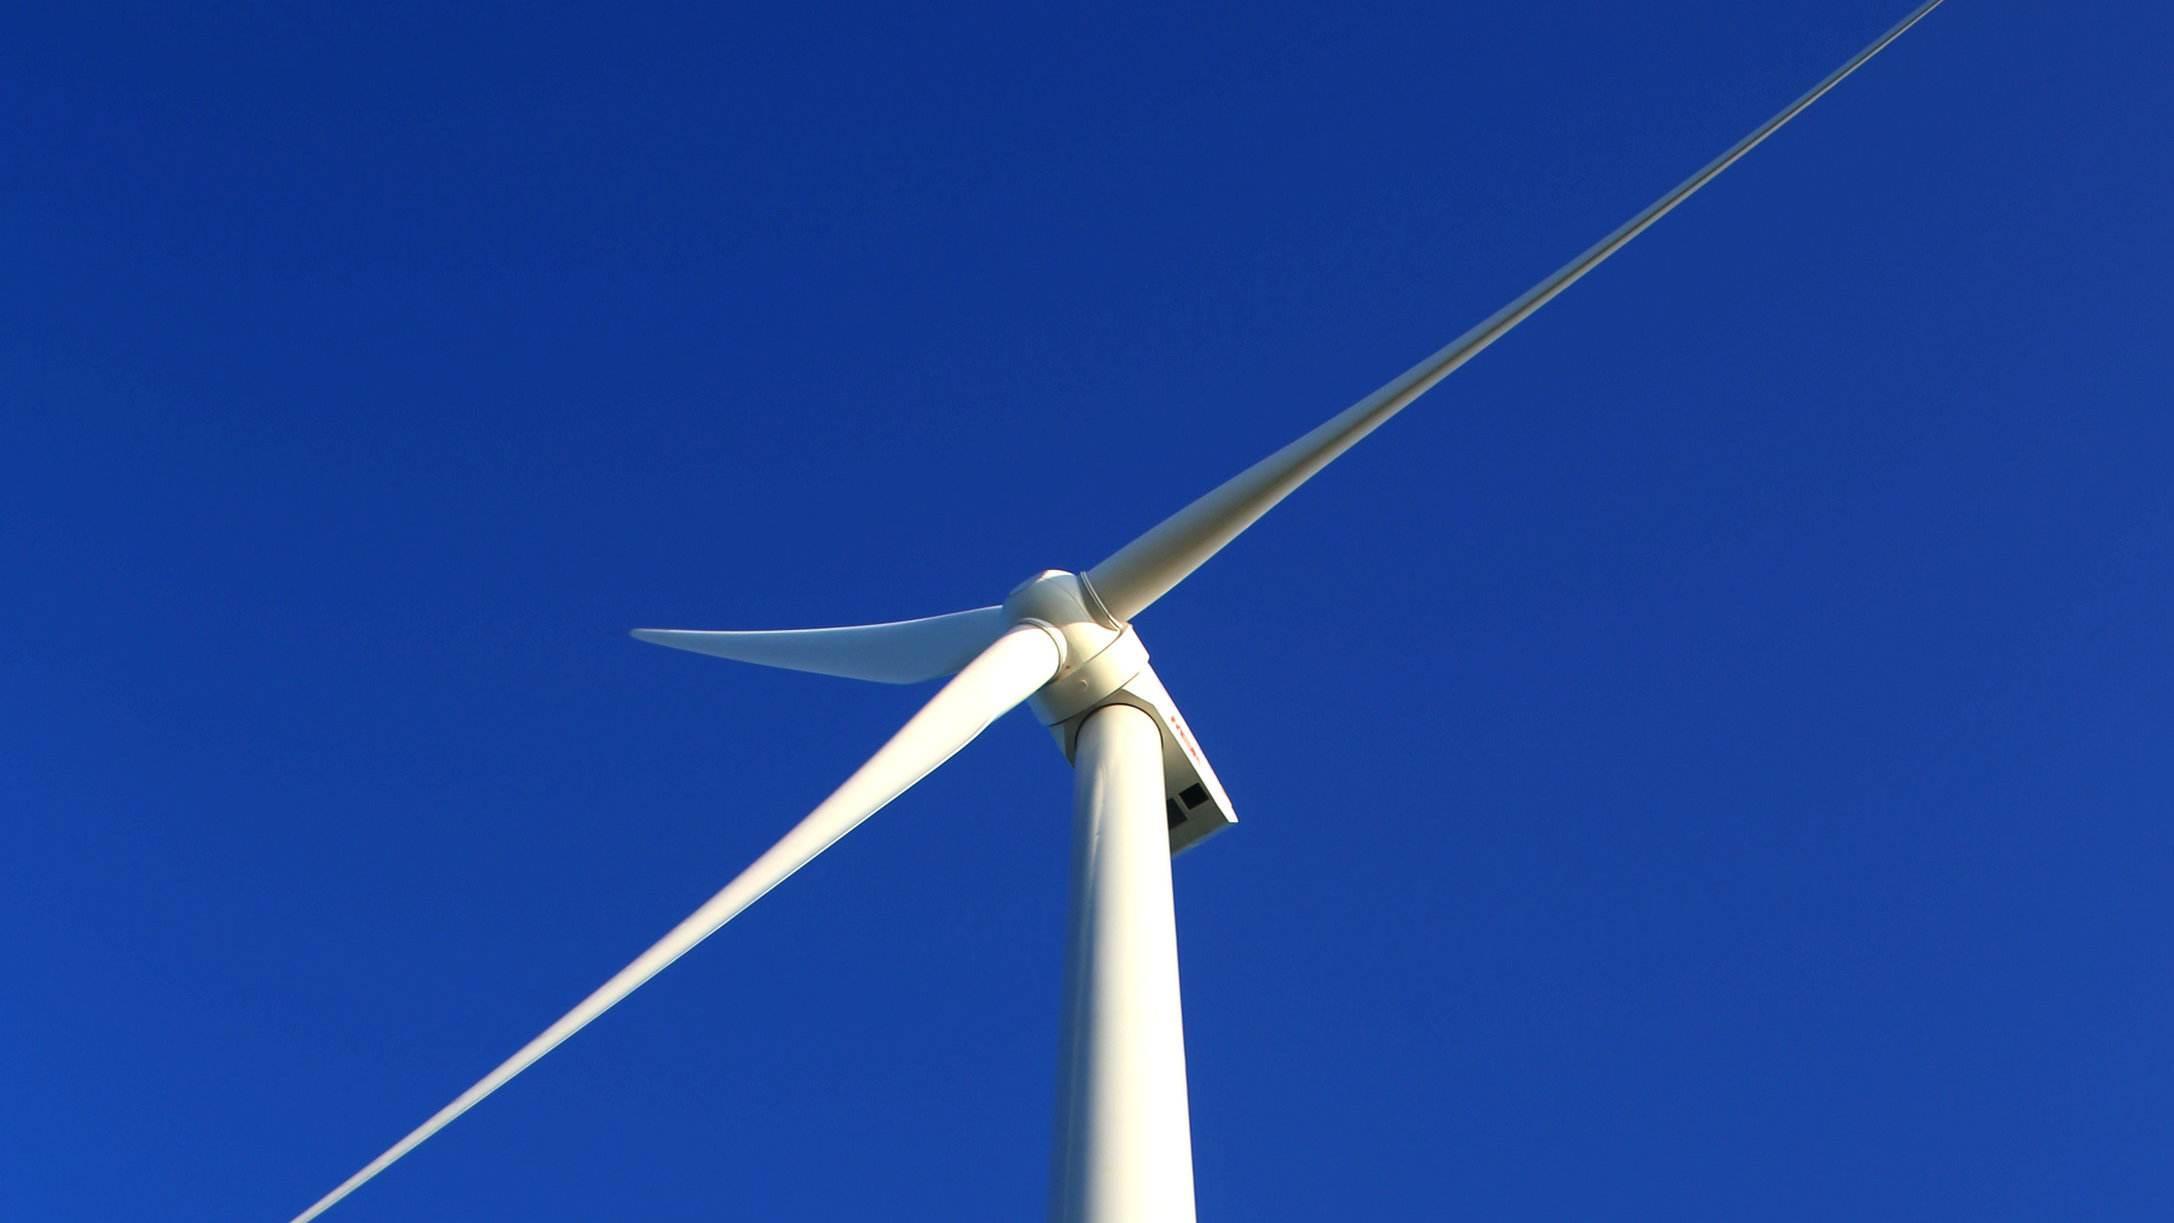 国家电投界首风电项目完成首台3.57MW风电机组吊装